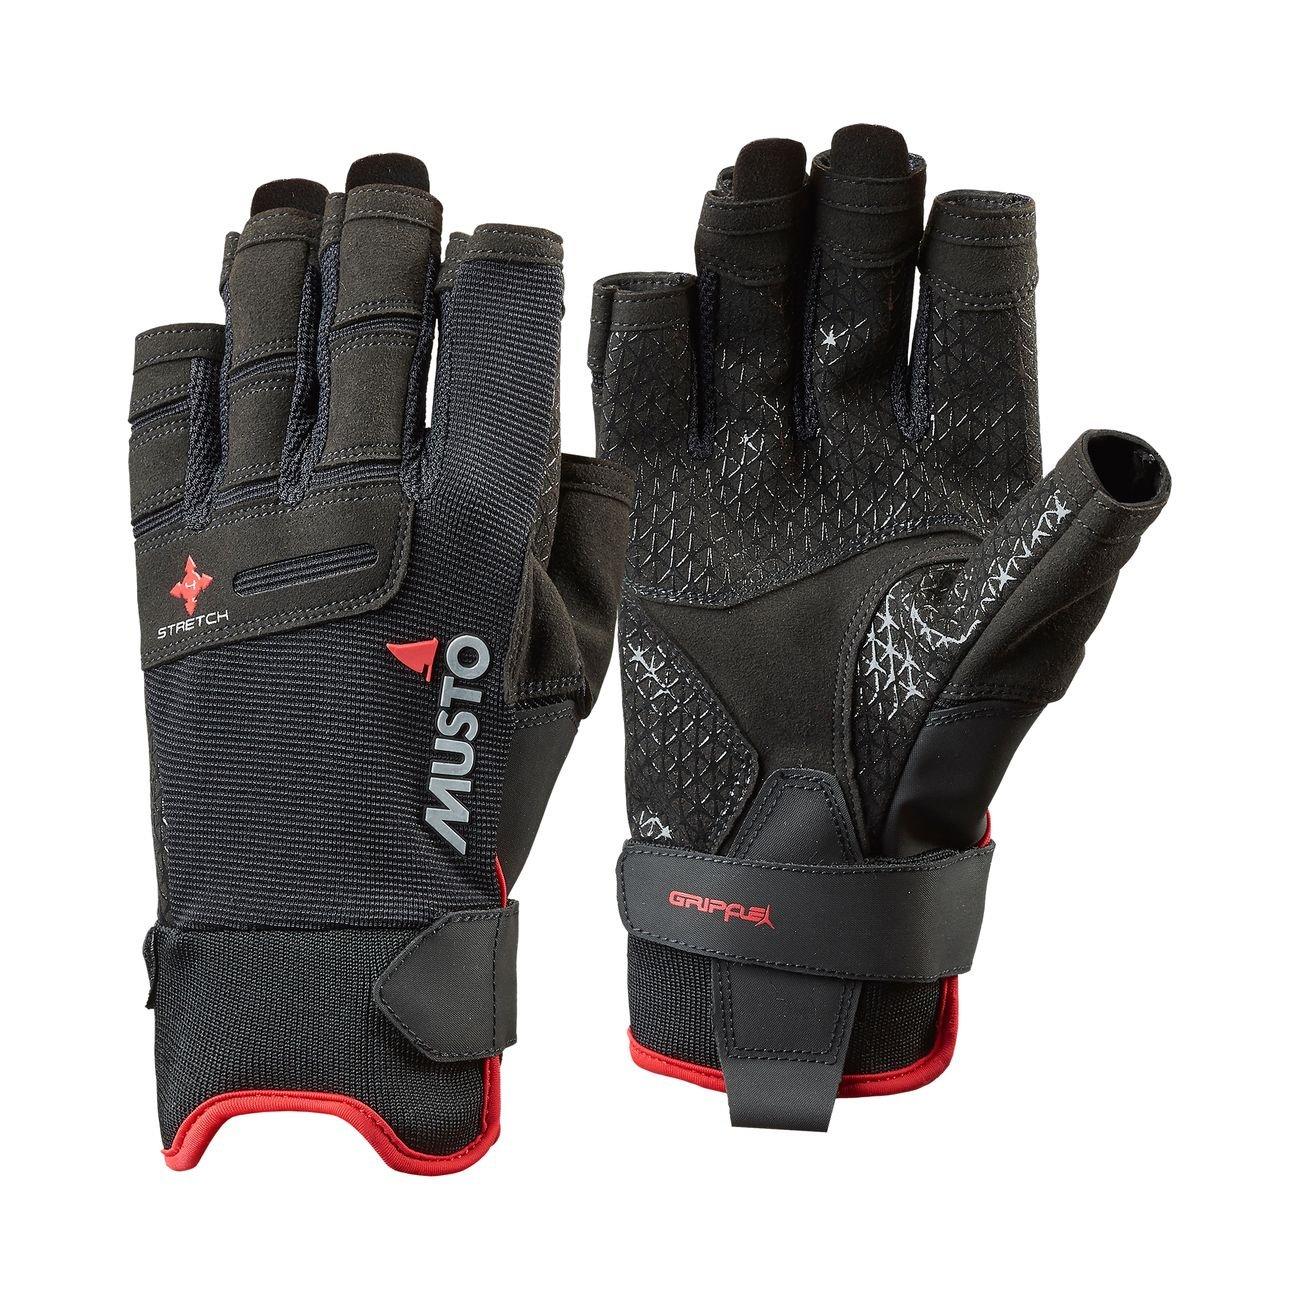 MustoパフォーマンスShort Finger Sailing Gloves – Gloves 2018 – Finger ブラック – B079V1QW23 Small, 木造町:51db08e2 --- sharoshka.org